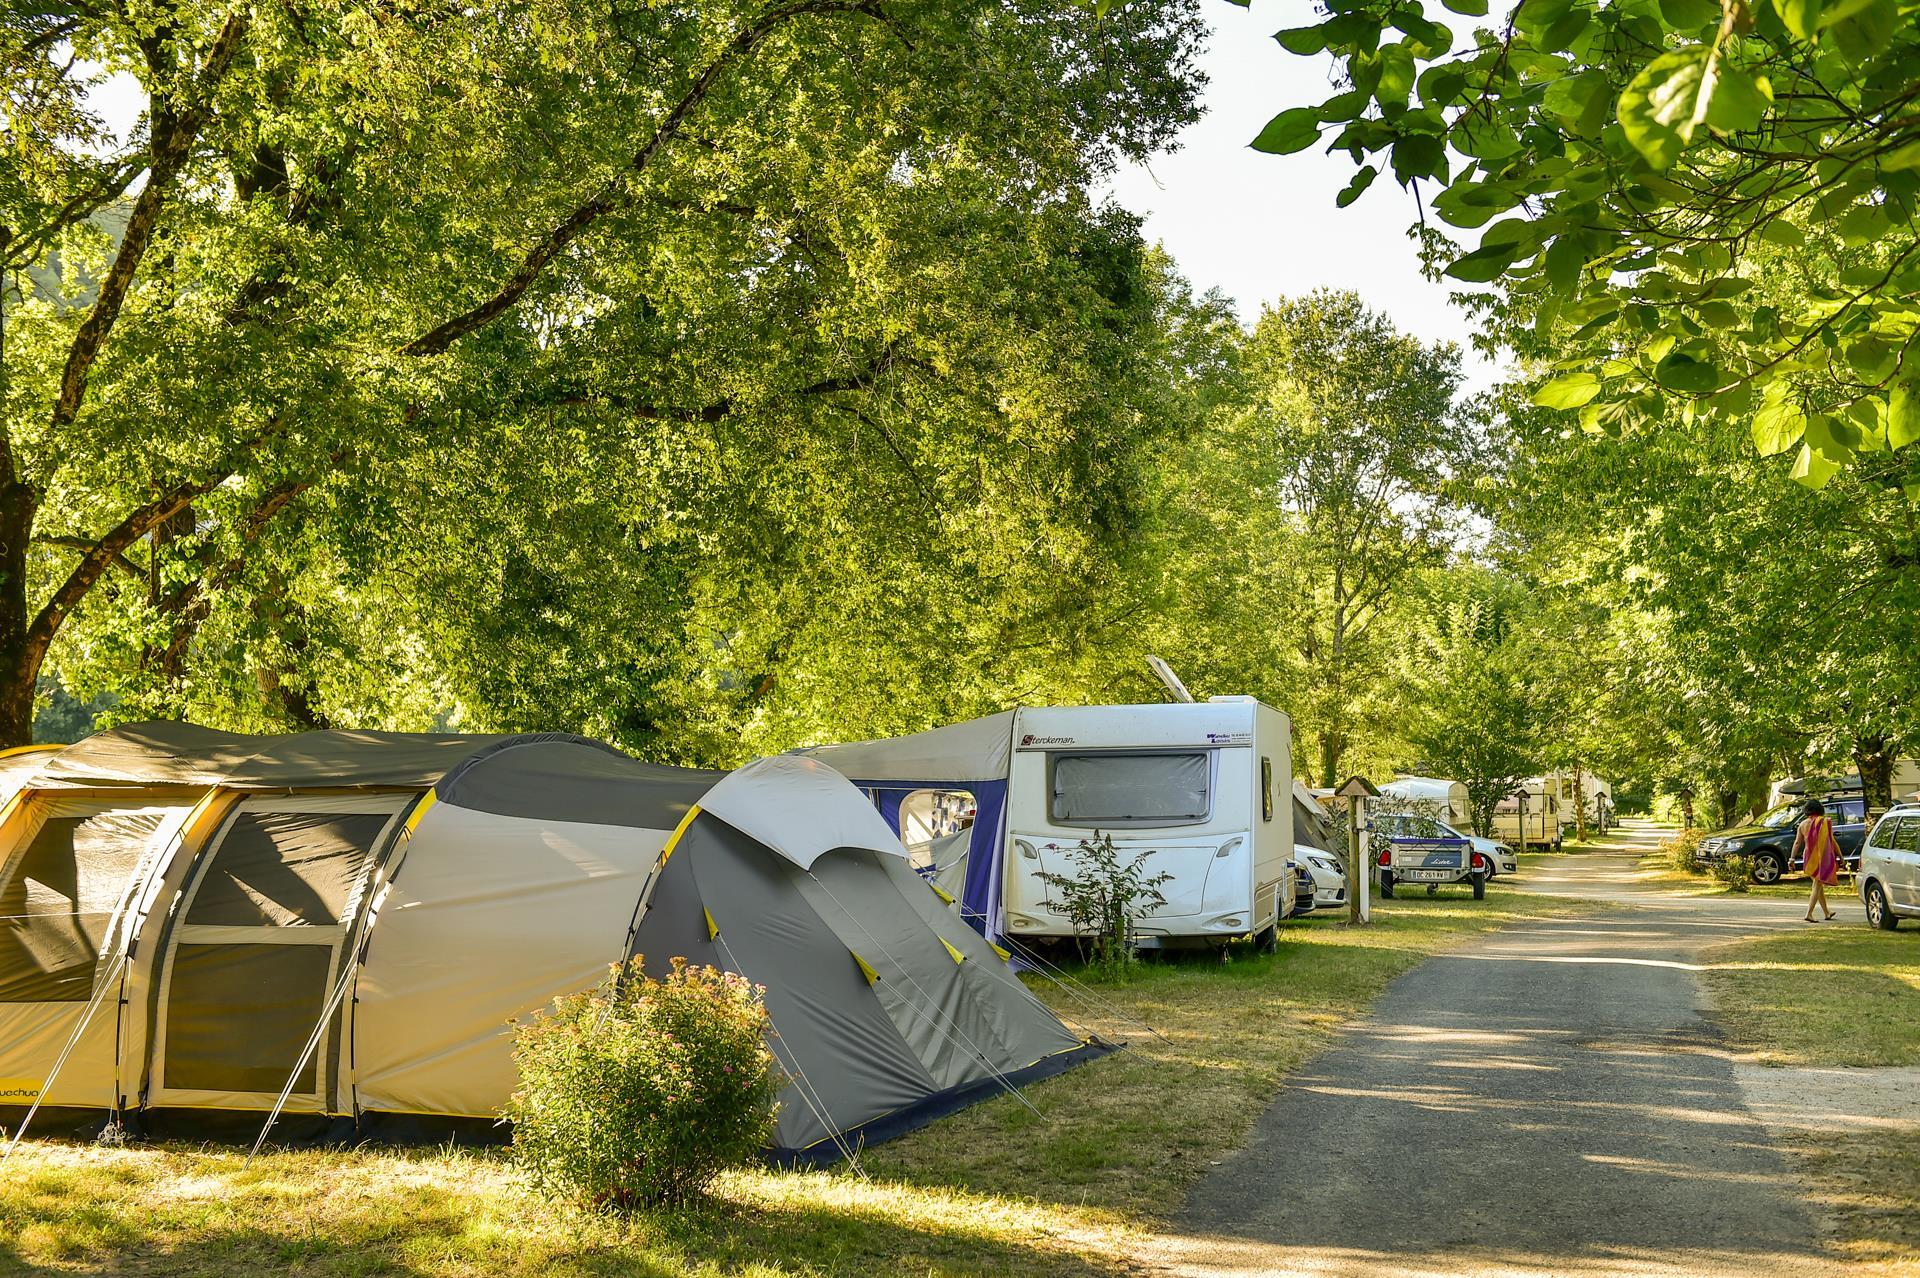 Emplacement  Intérieur de Camping + Véhicule (environ  10m x 10m)